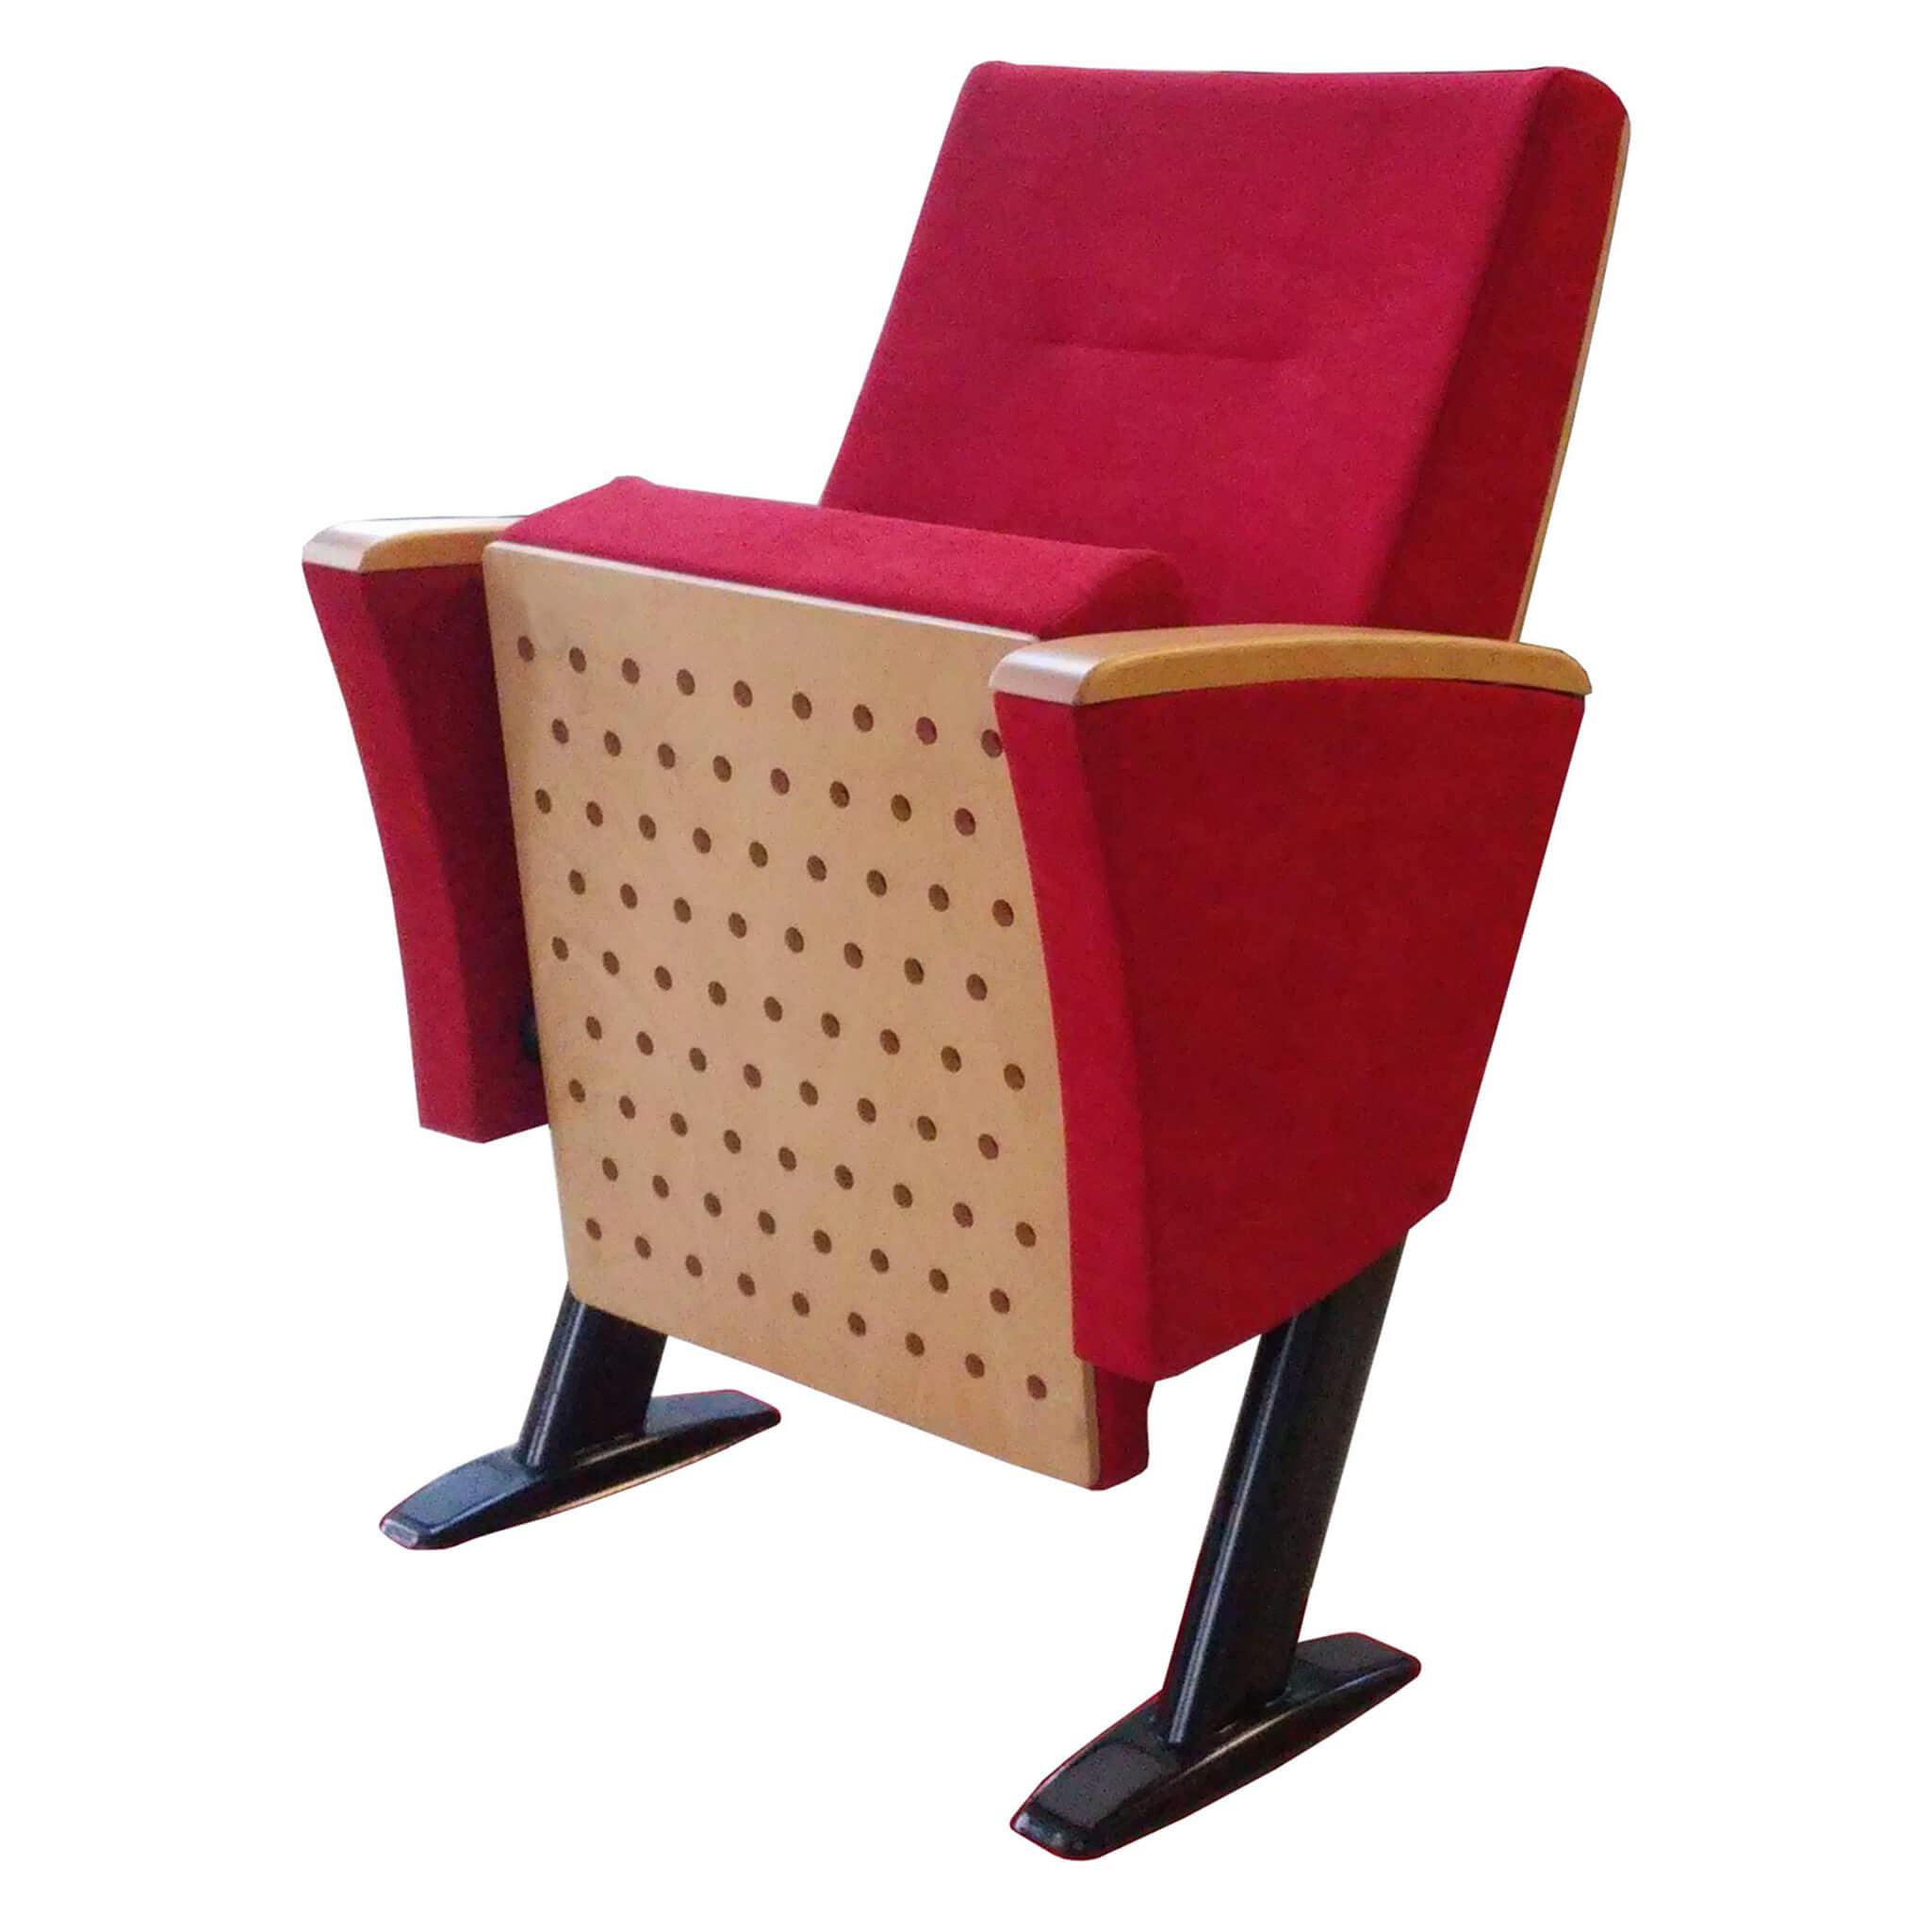 AKON A30 – Auditorium, Theatre Chair – Turkey – Seatorium – Public Seating Manufacturer